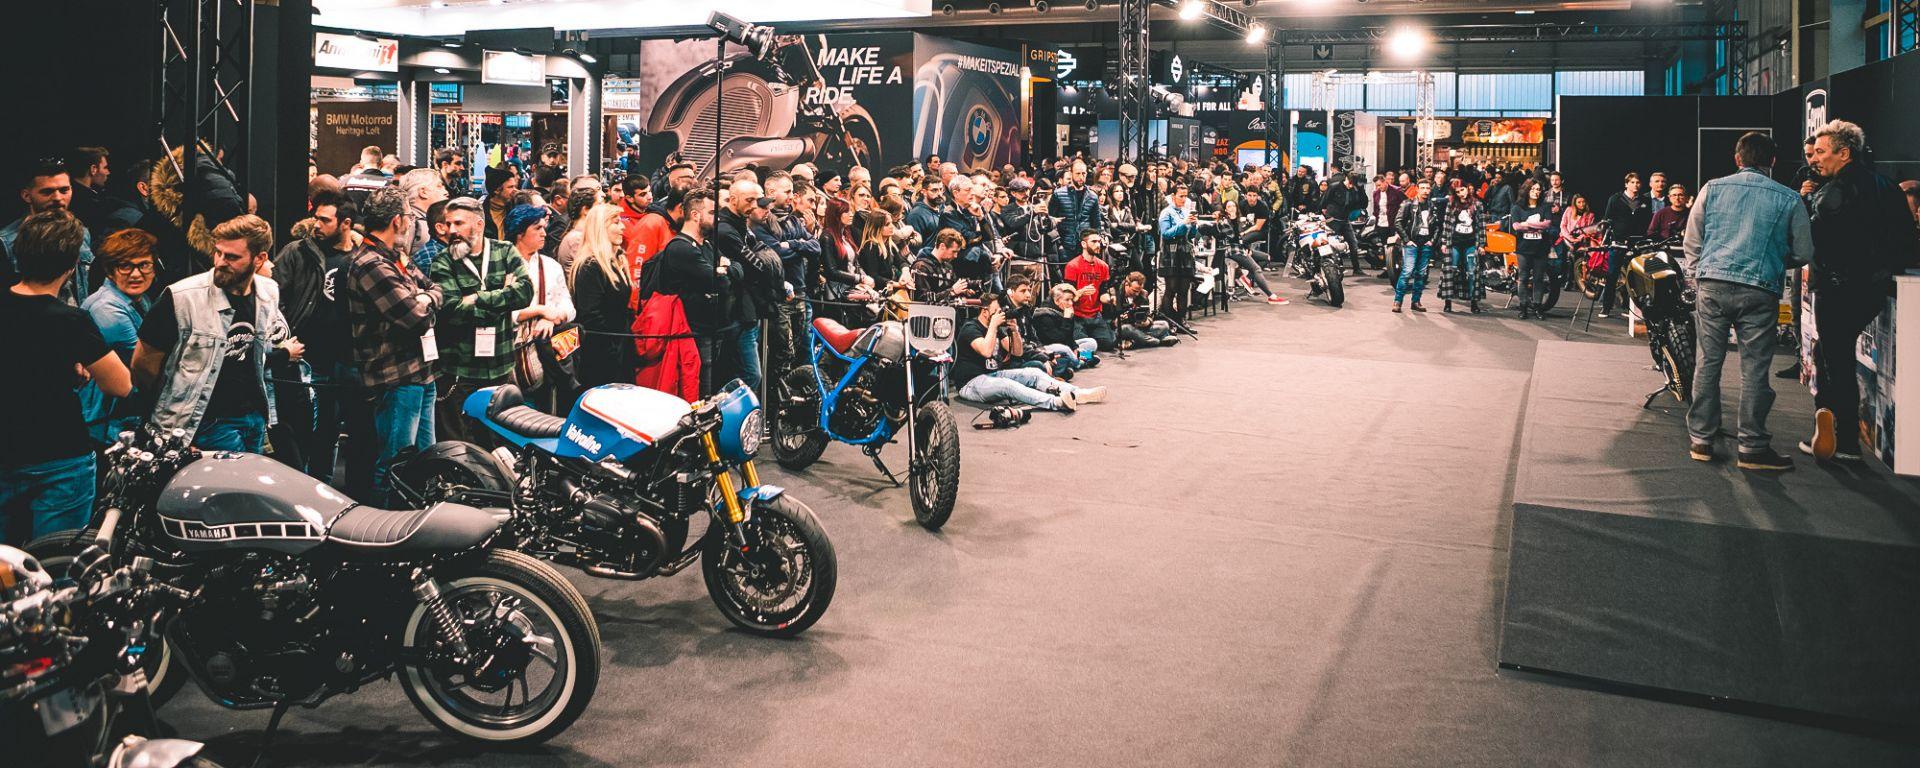 MBE 2020: la fiera delle moto di Verona